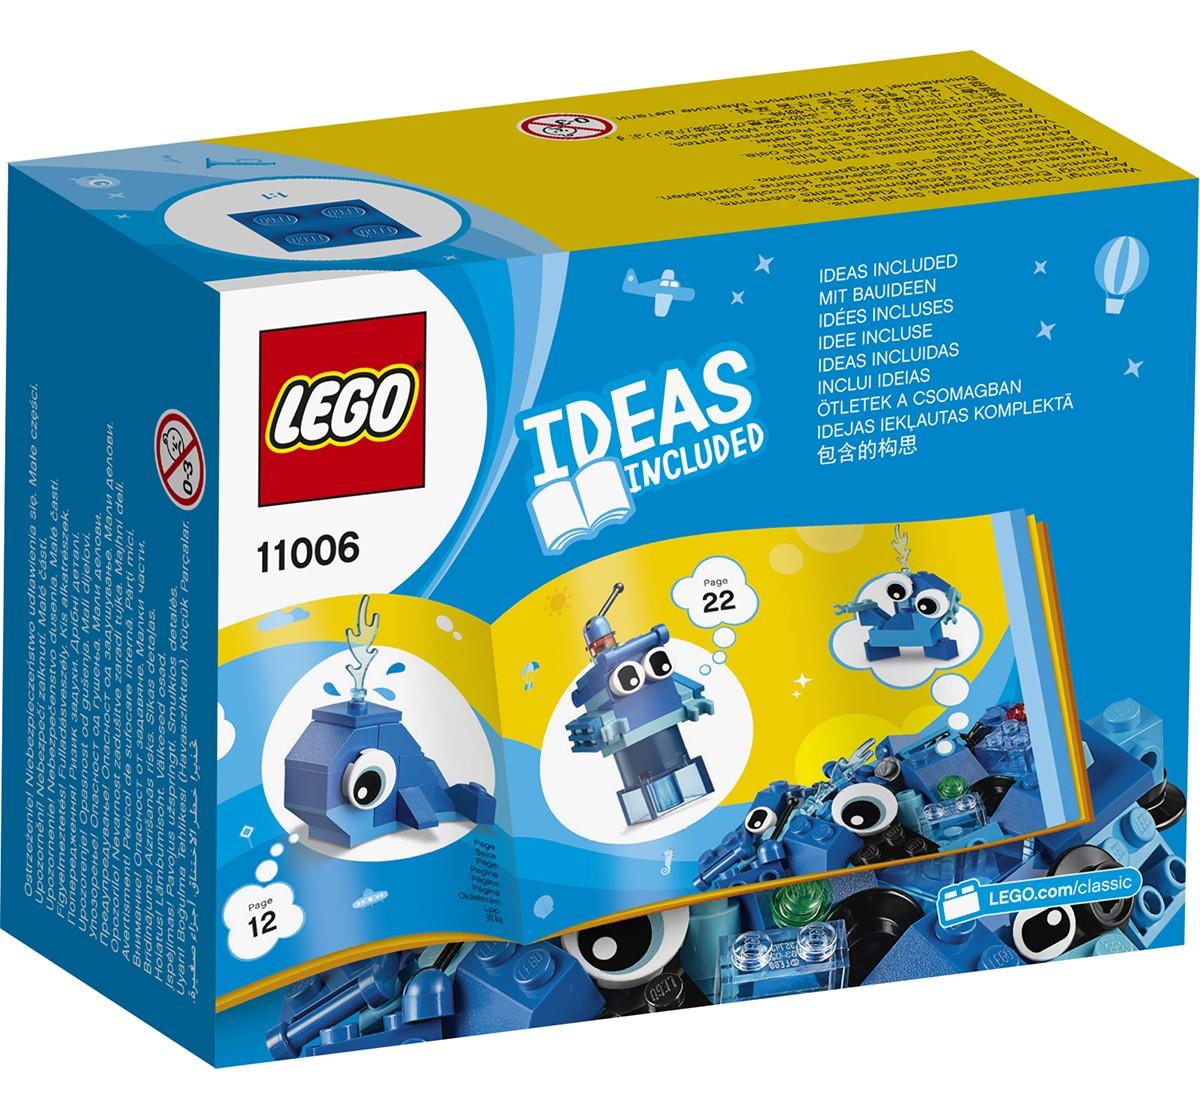 LEGO 11006 Creative Blue Bricks Lego Blocks for Kids age 4Y+